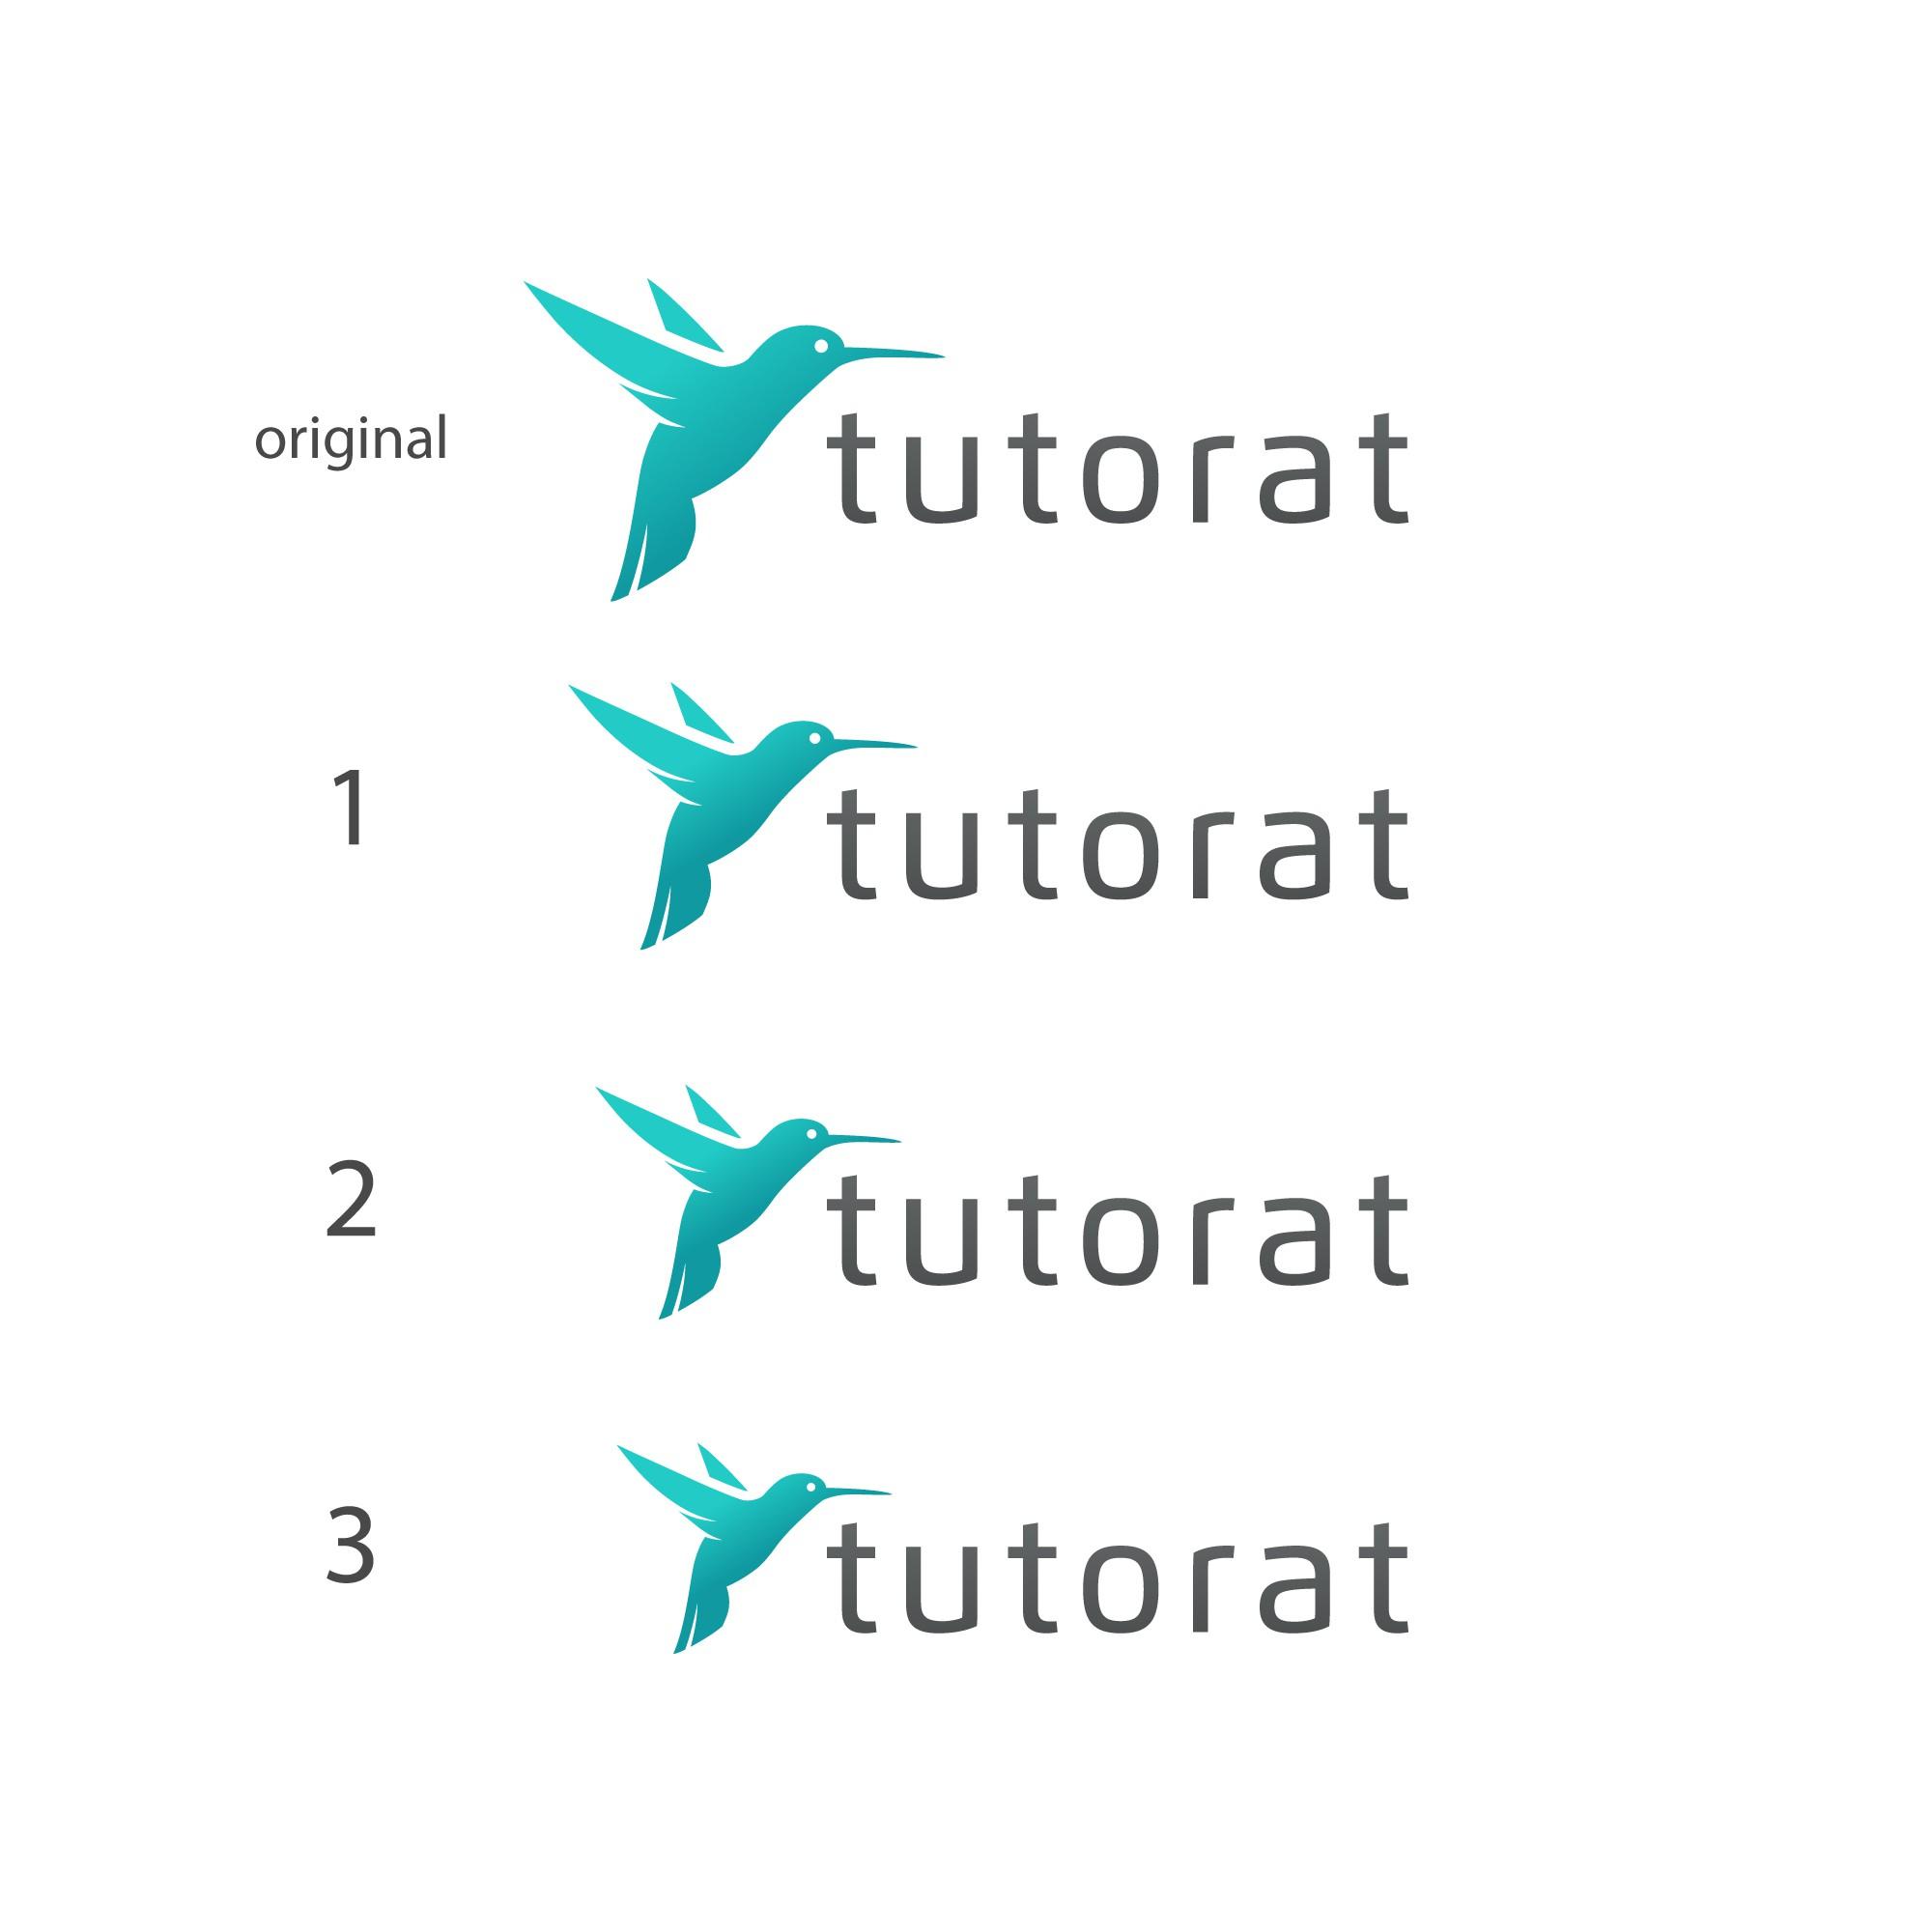 Create a bird logo for a tutoring company